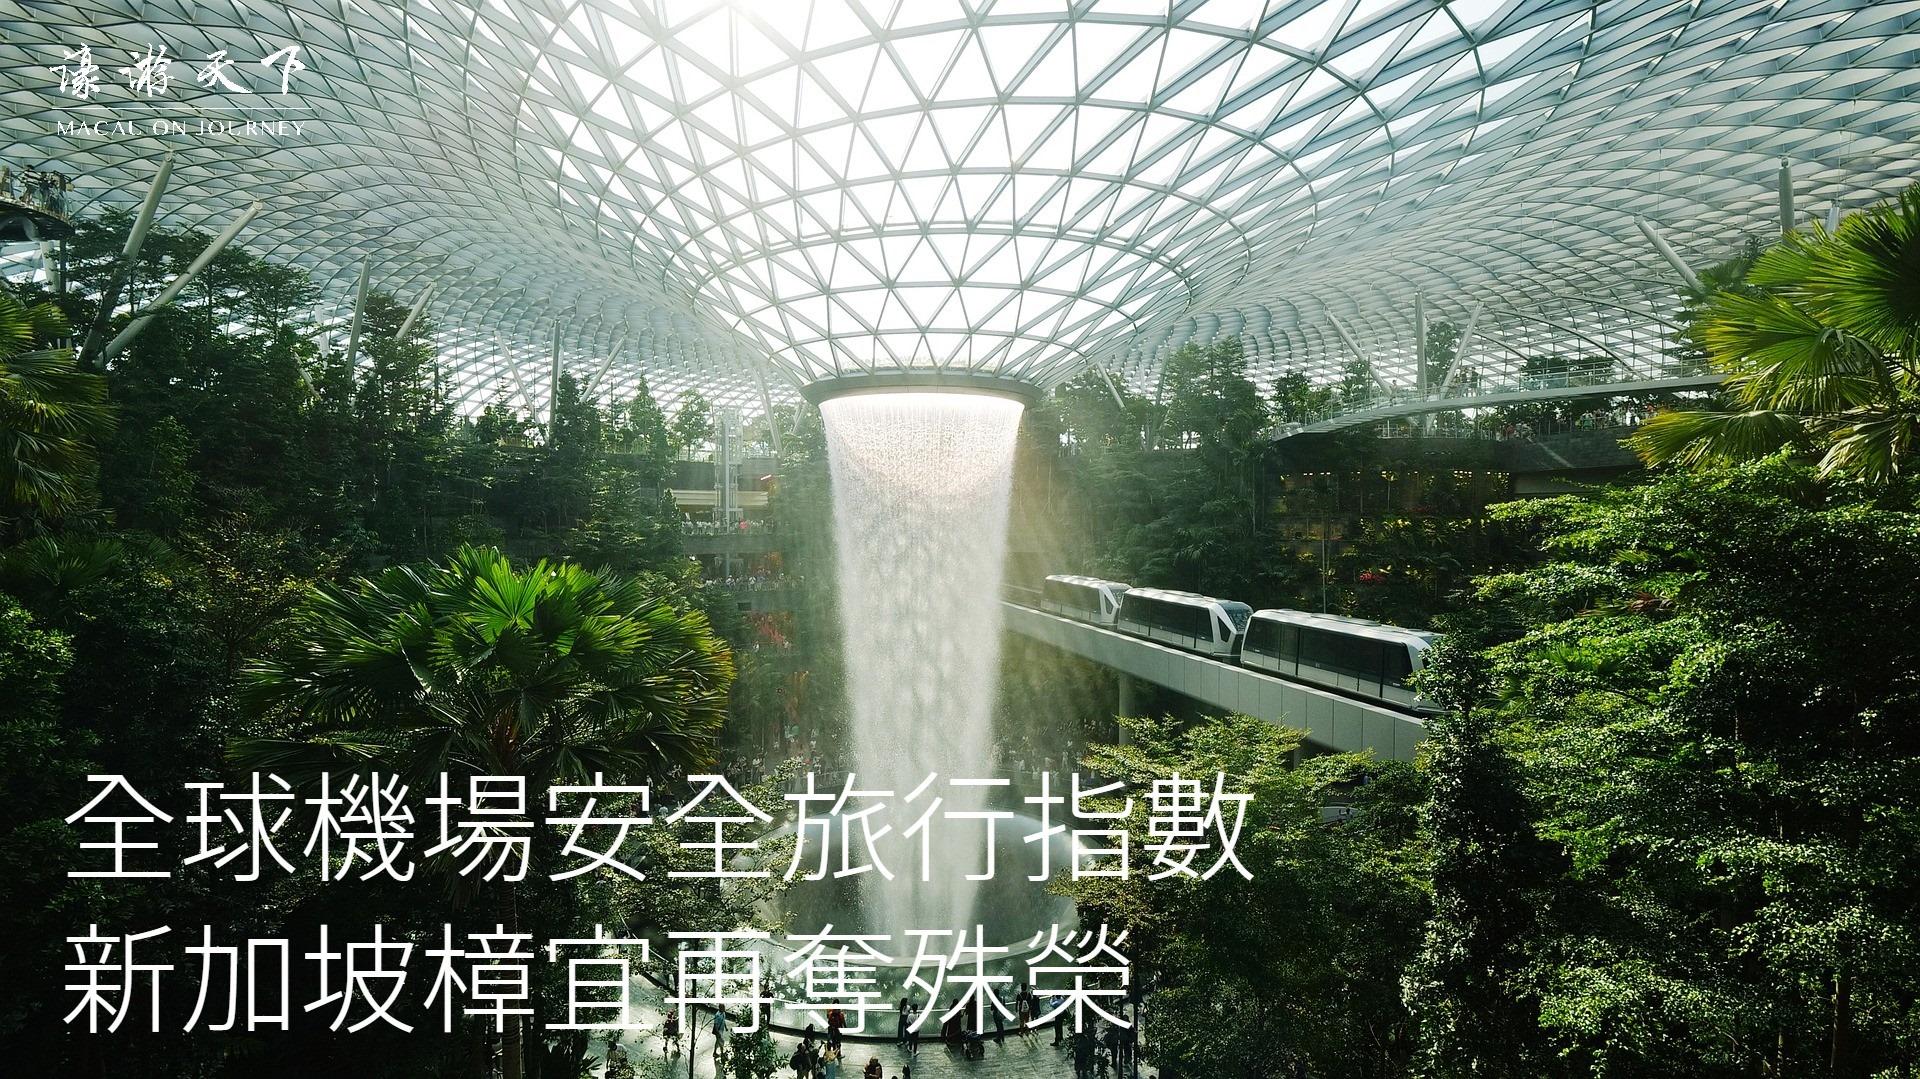 全球機場安全旅行指數 新加坡樟宜再奪殊榮 – 濠遊天下 Macau On Journey